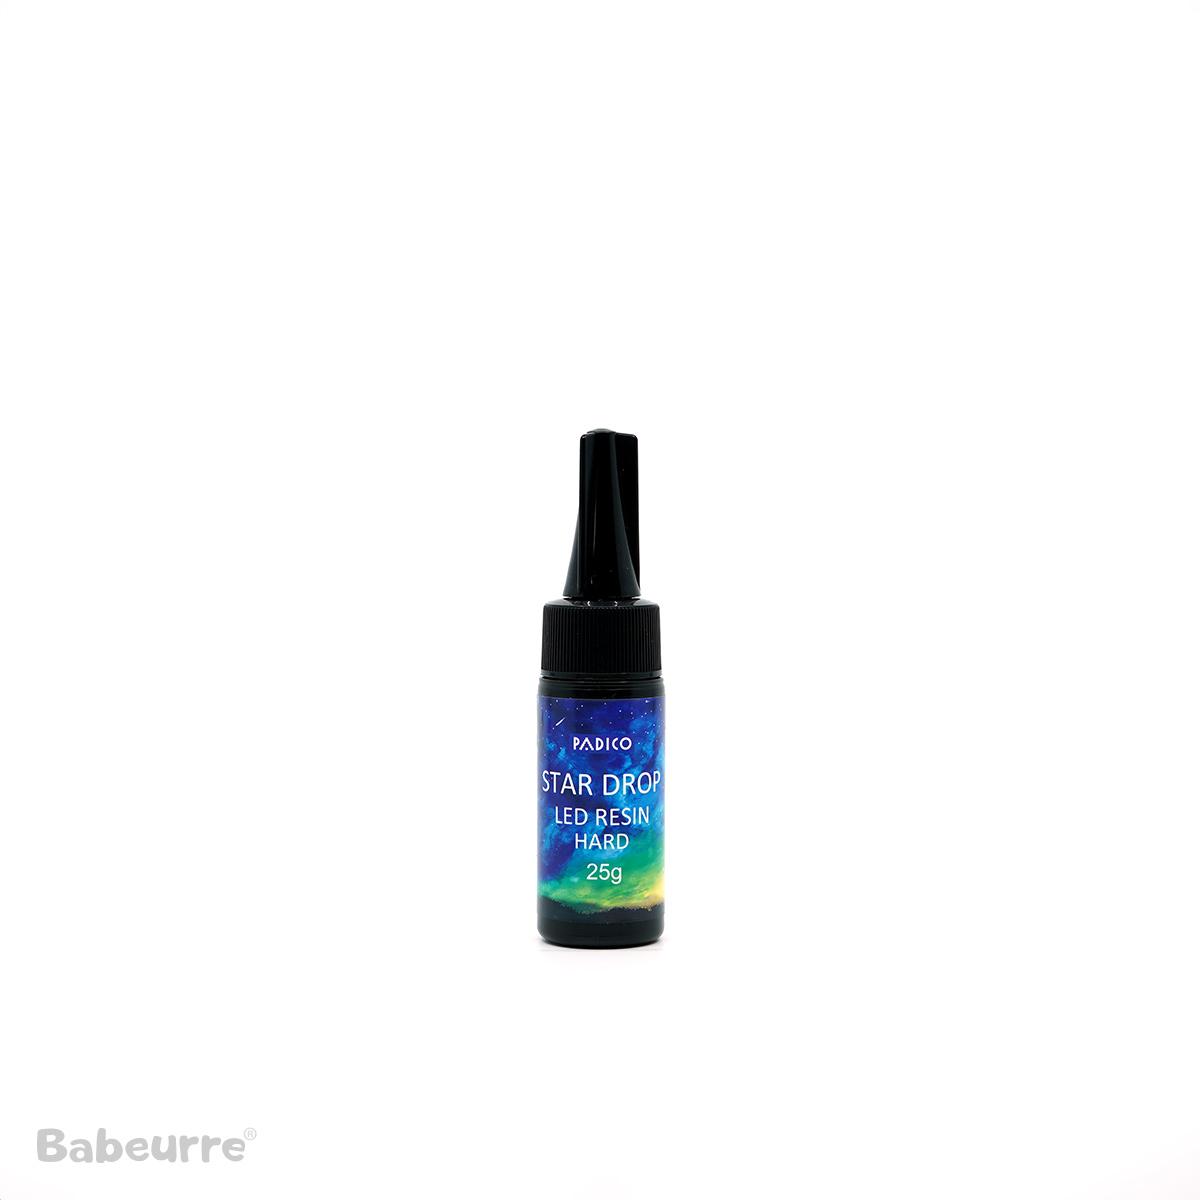 Padico UV Led Resin Start Drop Hard 25gr bottle